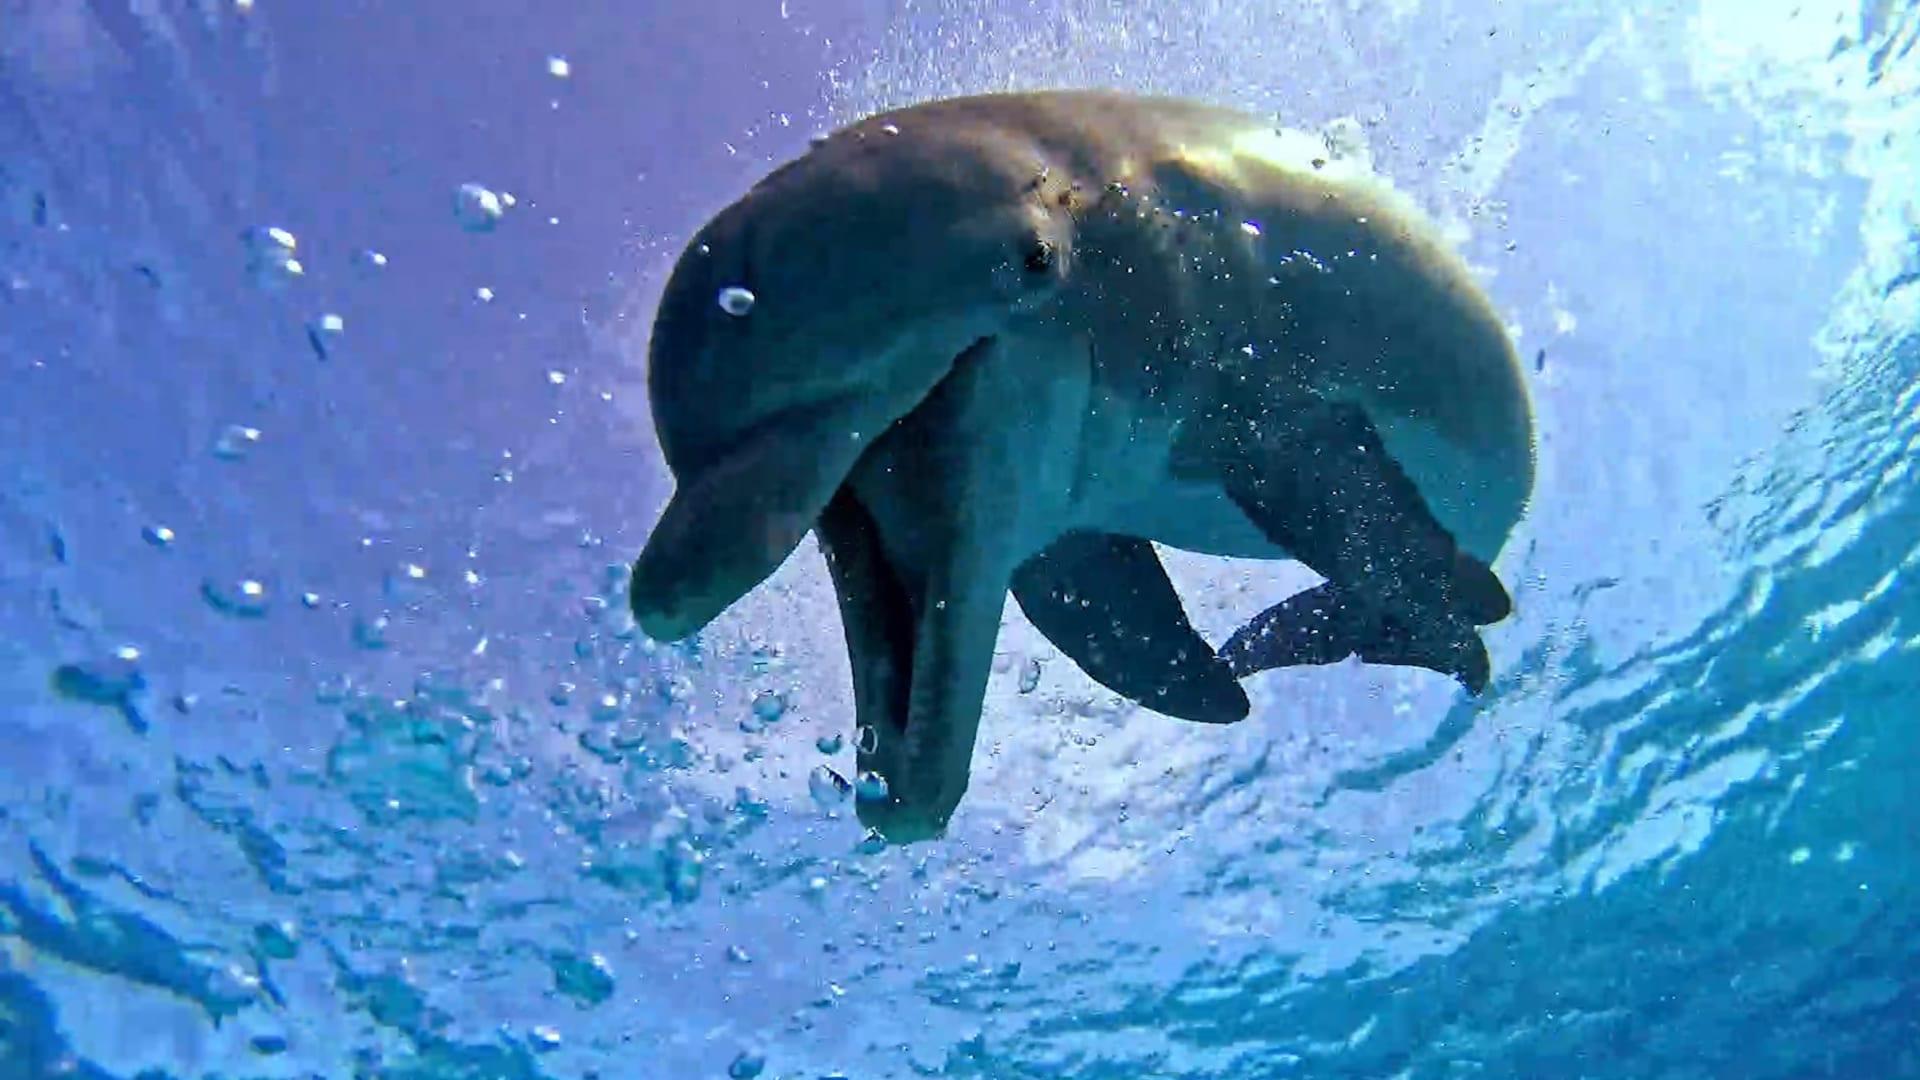 دلفين يستعرض مهارته في السباحة أمام عدسة غواص بمياه جزر البهاما